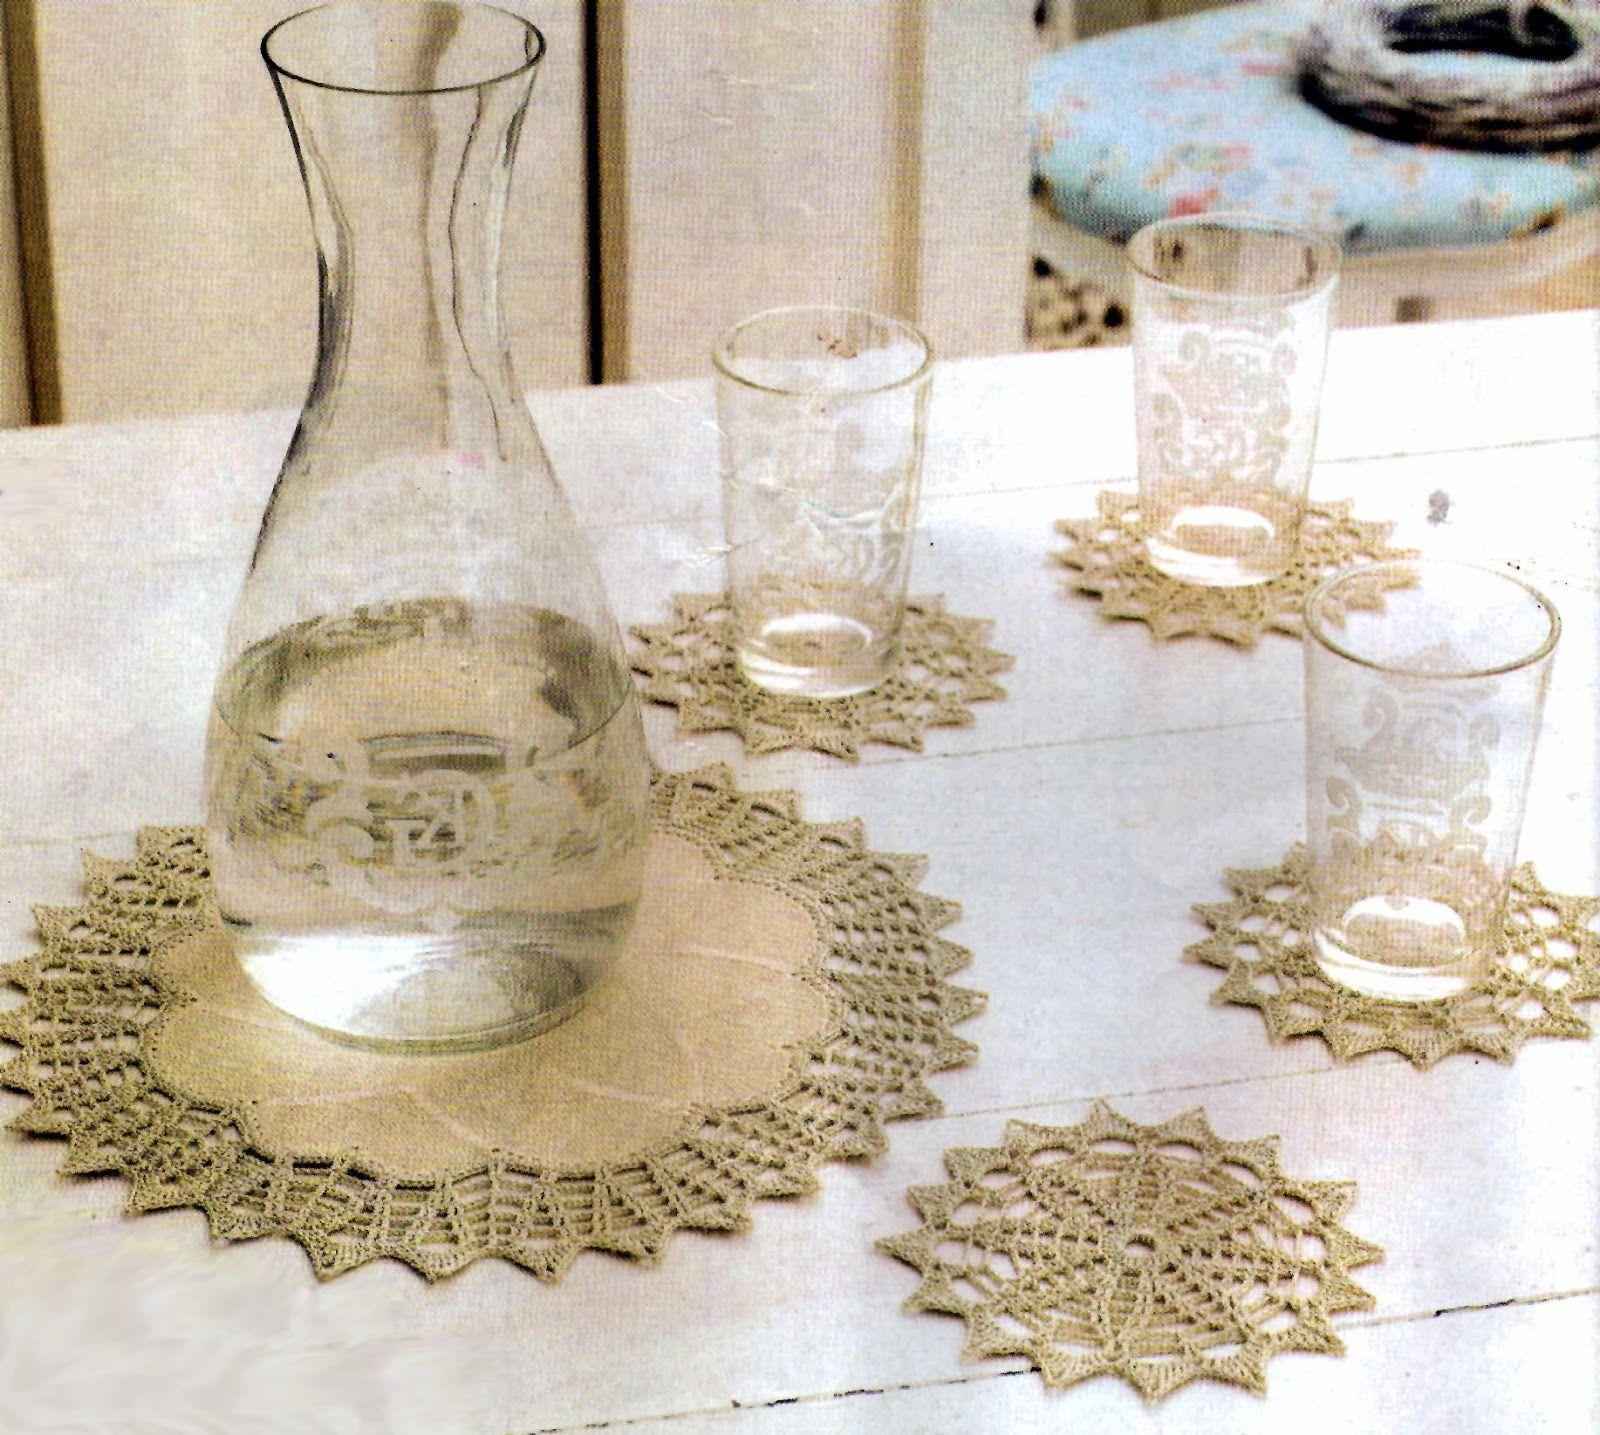 tejidos artesanales: carpeta con puntilla y posavasos tejidos ...